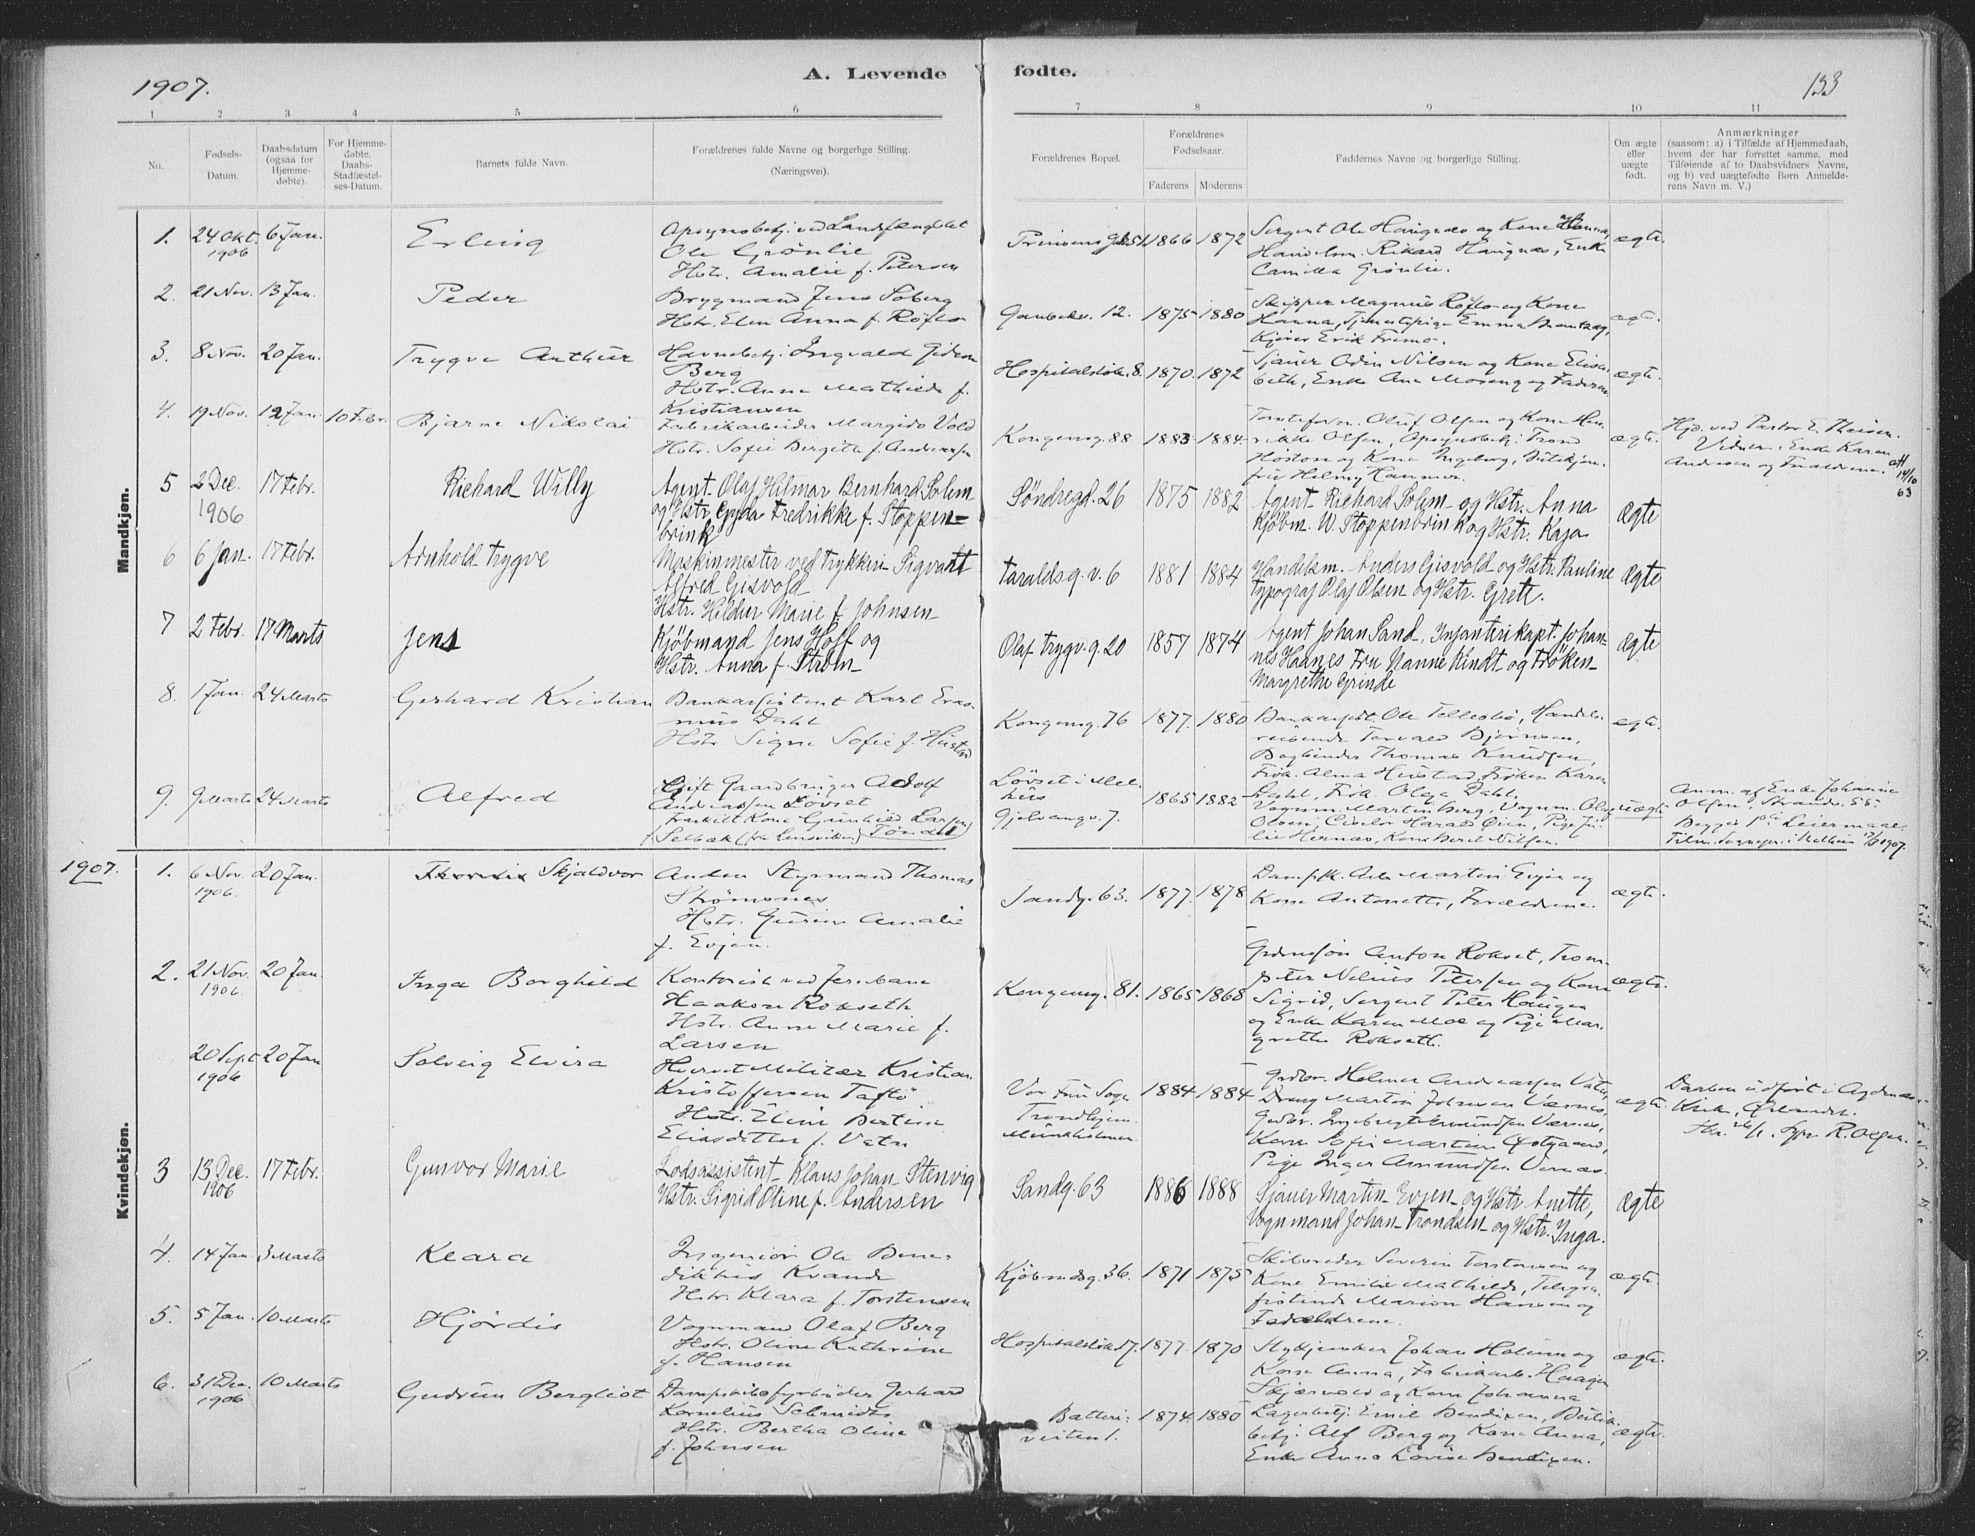 SAT, Ministerialprotokoller, klokkerbøker og fødselsregistre - Sør-Trøndelag, 602/L0122: Ministerialbok nr. 602A20, 1892-1908, s. 133